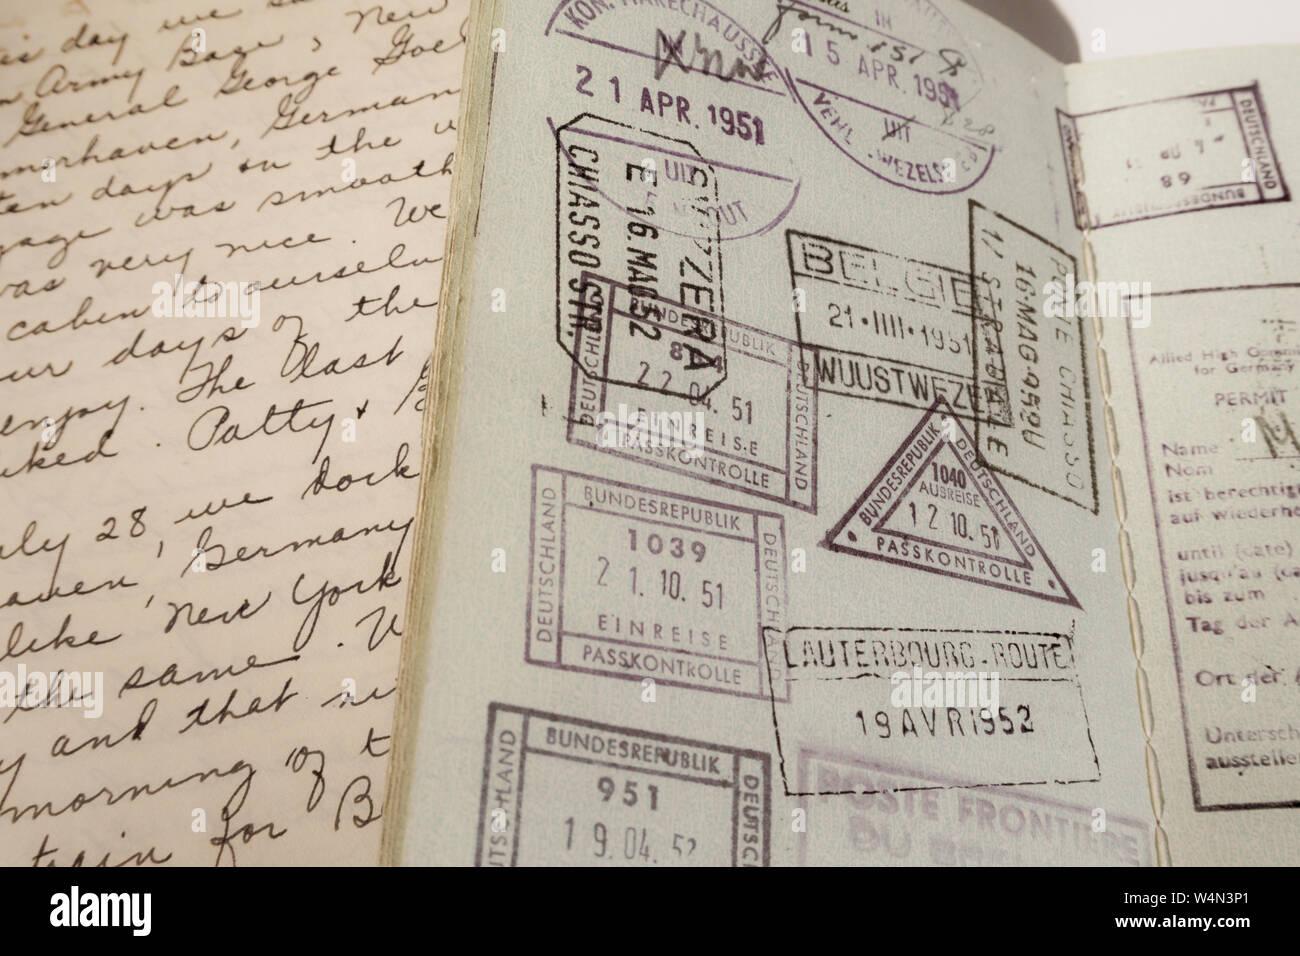 Diary and Passport, 1950s Stock Photo